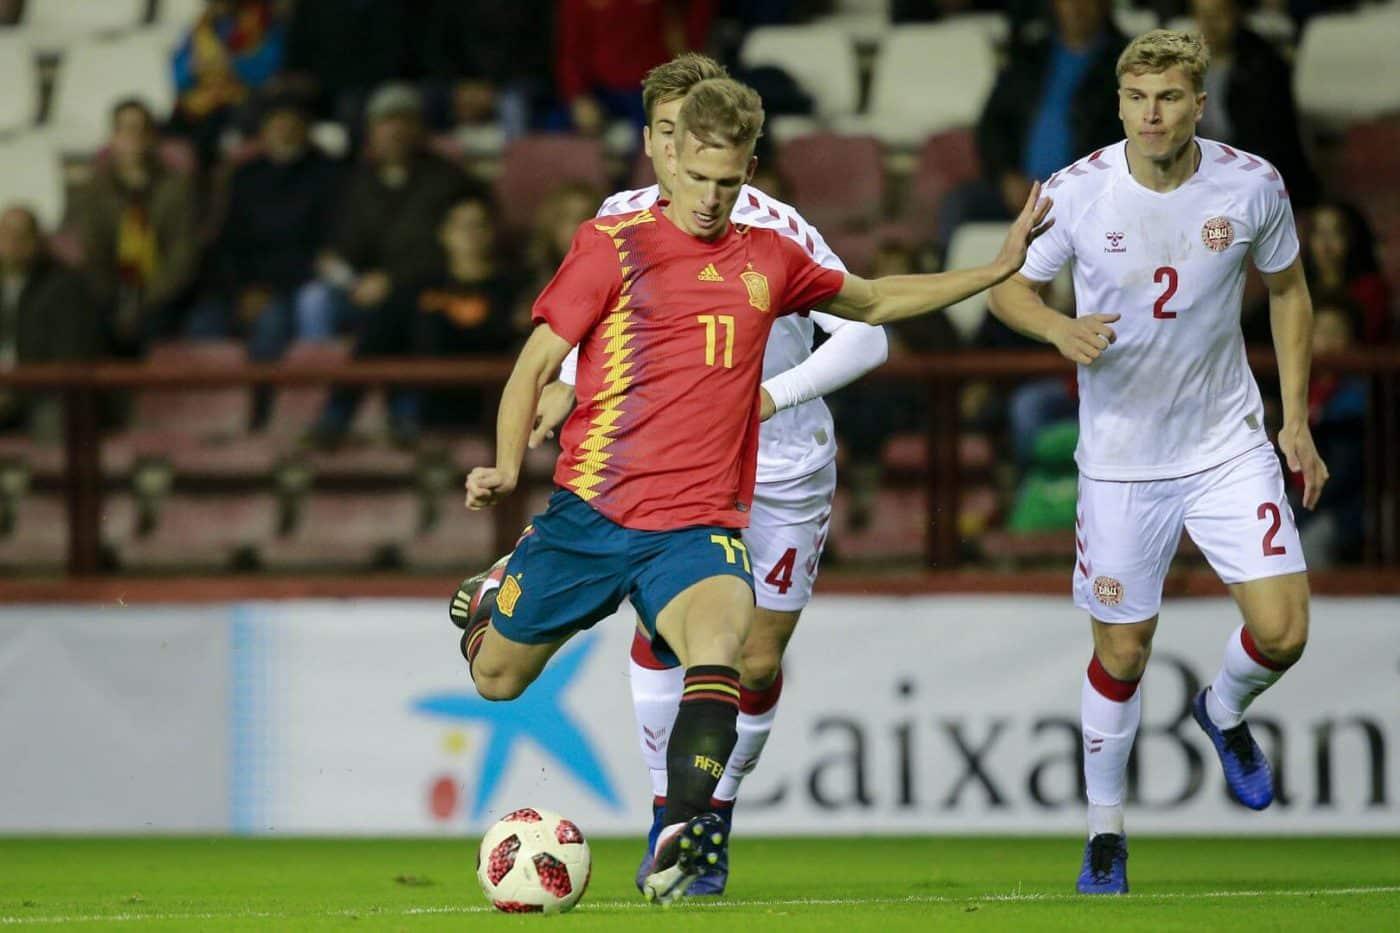 La Sub-21 de Luis de la Fuente remonta y golea en Las Gaunas 26